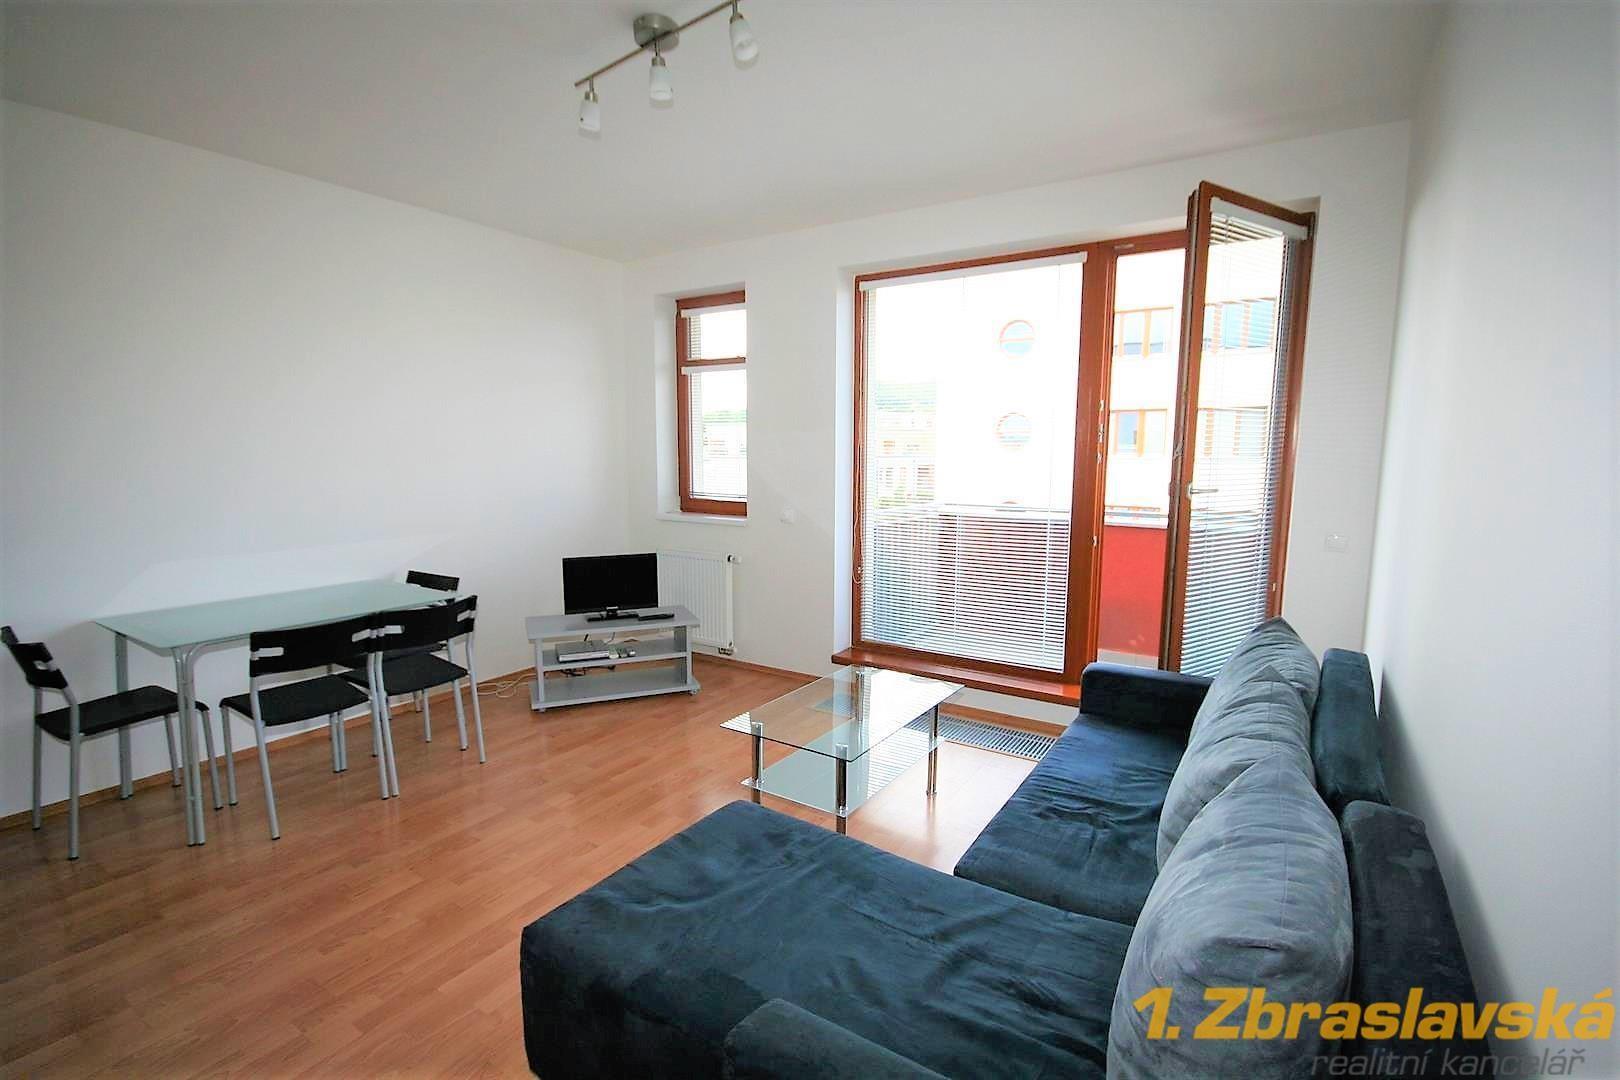 Zbraslav, Praha 5, pronájem bytu 1+kk, 35 m2, balkon, sklep, garážové stání